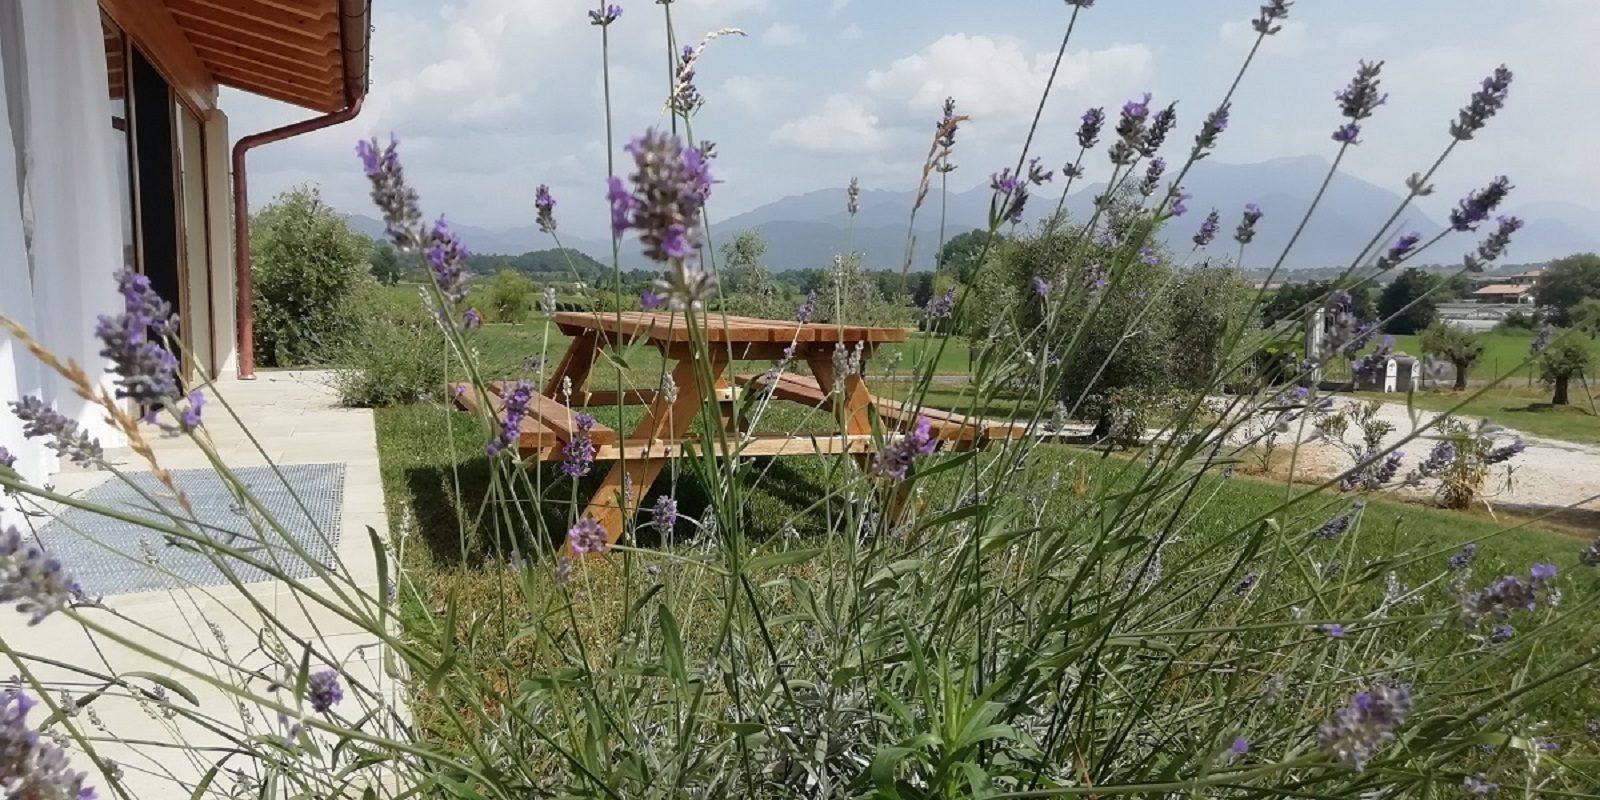 Agriturismo Fioralba, lago di Garda